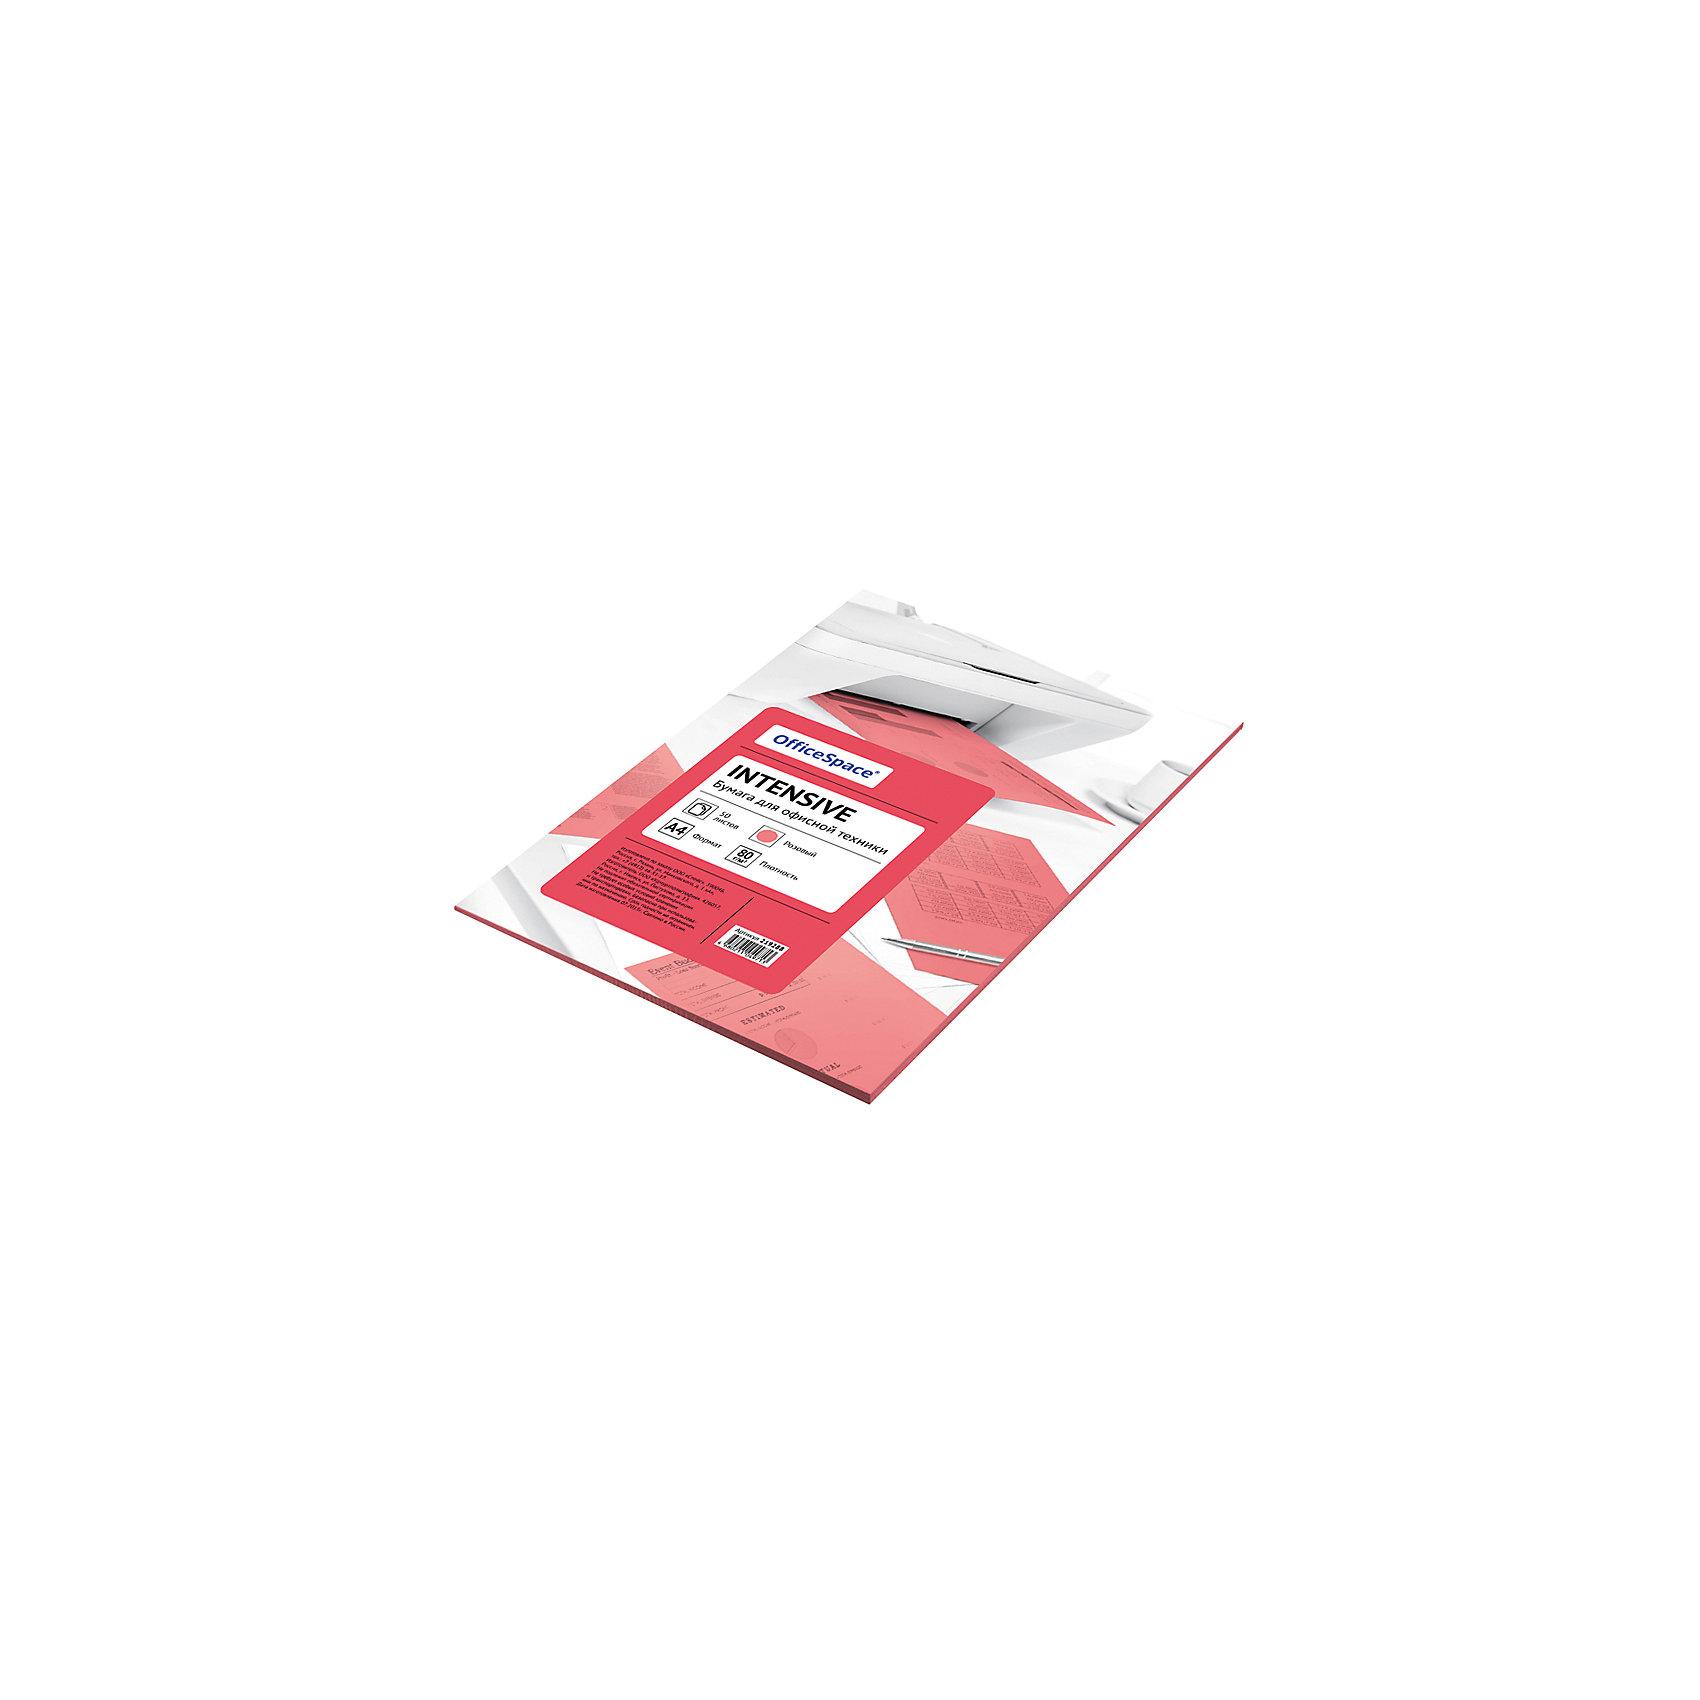 Бумага цветная intensive А4 50 листов OfficeSpace, розовыйБумажная продукция<br>Плотность бумаги: 80 <br>Формат : A4<br>Количество листов: 50<br>Цвет: розовый<br>Насыщенность цвета: интенсивный<br>Толщина: 103<br>Непрозрачность: 92<br>Количество цветов в пачке: 1<br>Количество пачек в коробке: 20<br>Цветная бумага формата А4, плотность 80 г/м2, цвет - розовый интенсив, 50 листов, упаковка - т/у пленка с картонной подложкой.<br><br>Ширина мм: 300<br>Глубина мм: 210<br>Высота мм: 6<br>Вес г: 300<br>Возраст от месяцев: 60<br>Возраст до месяцев: 2147483647<br>Пол: Унисекс<br>Возраст: Детский<br>SKU: 7044314